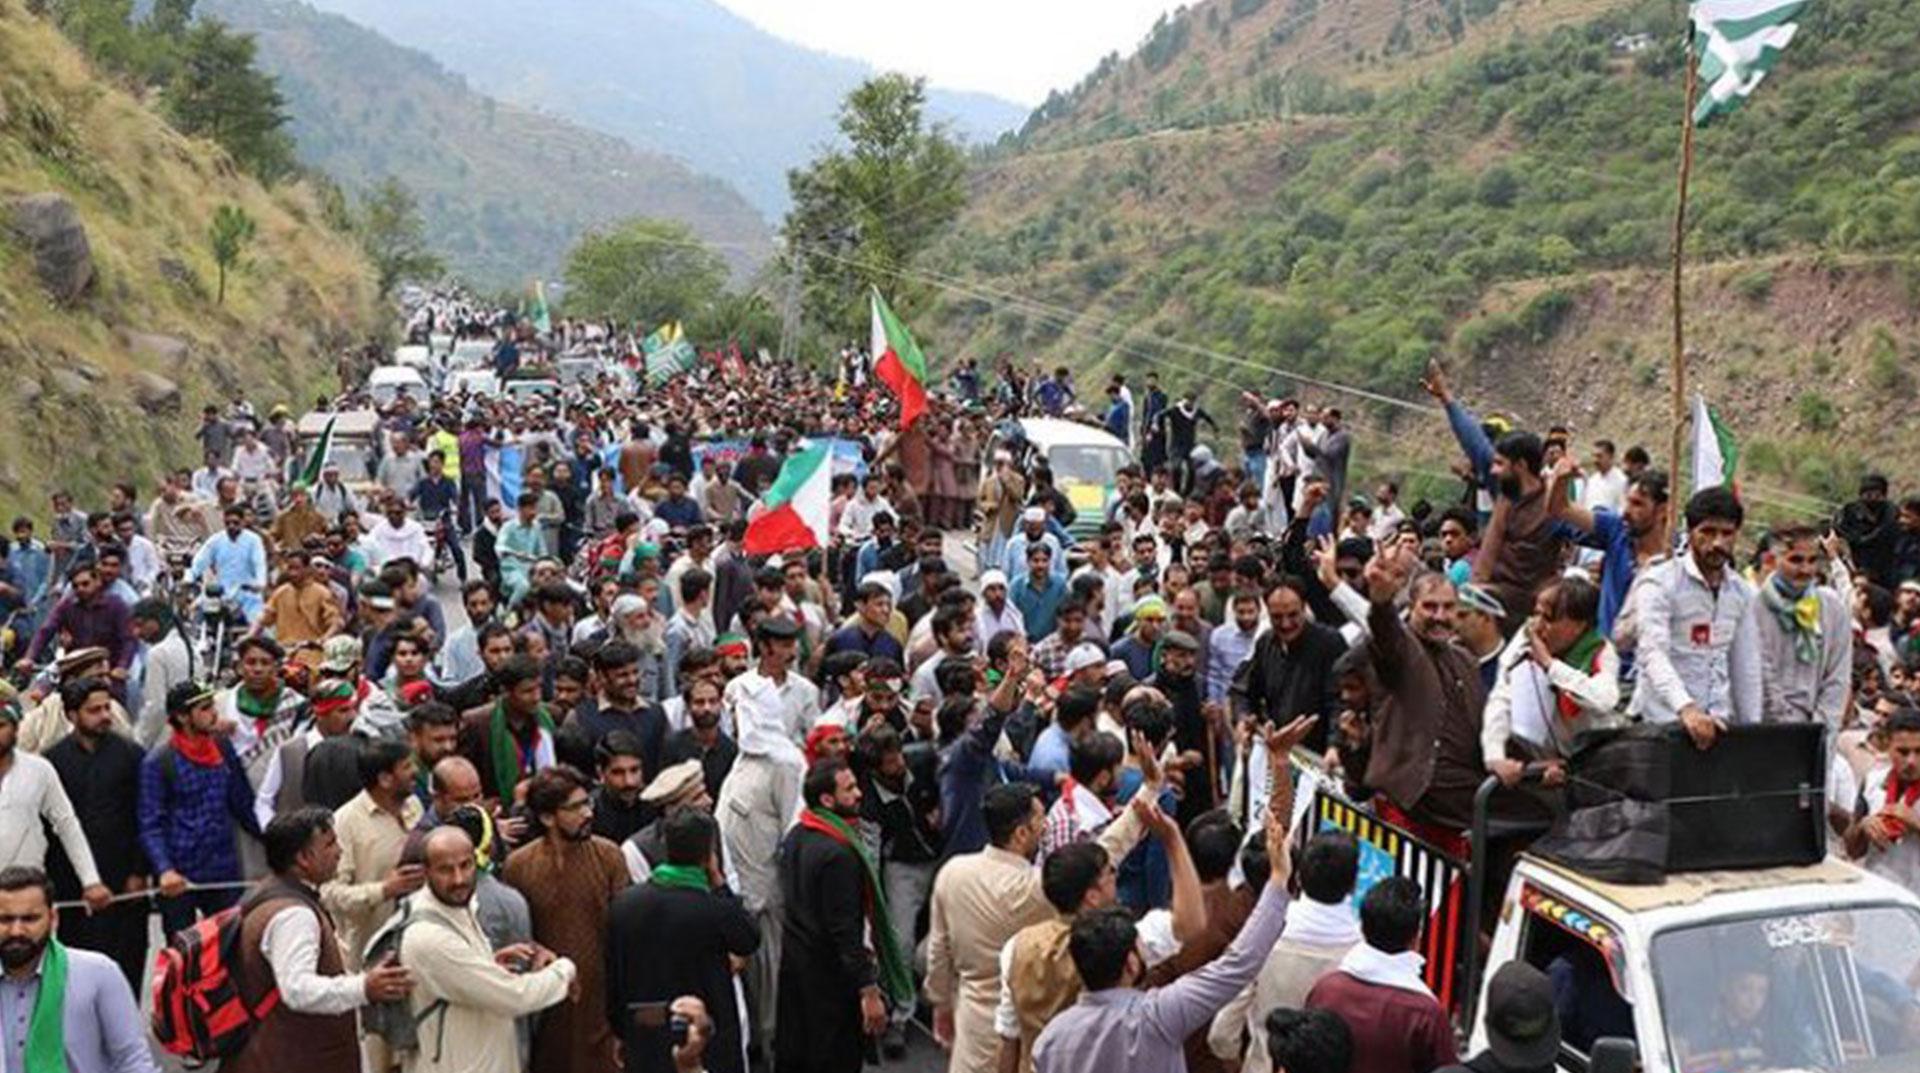 Pakistan'da Polis Engeli! Özgürlük İçin Yürüyenler Durduruldu